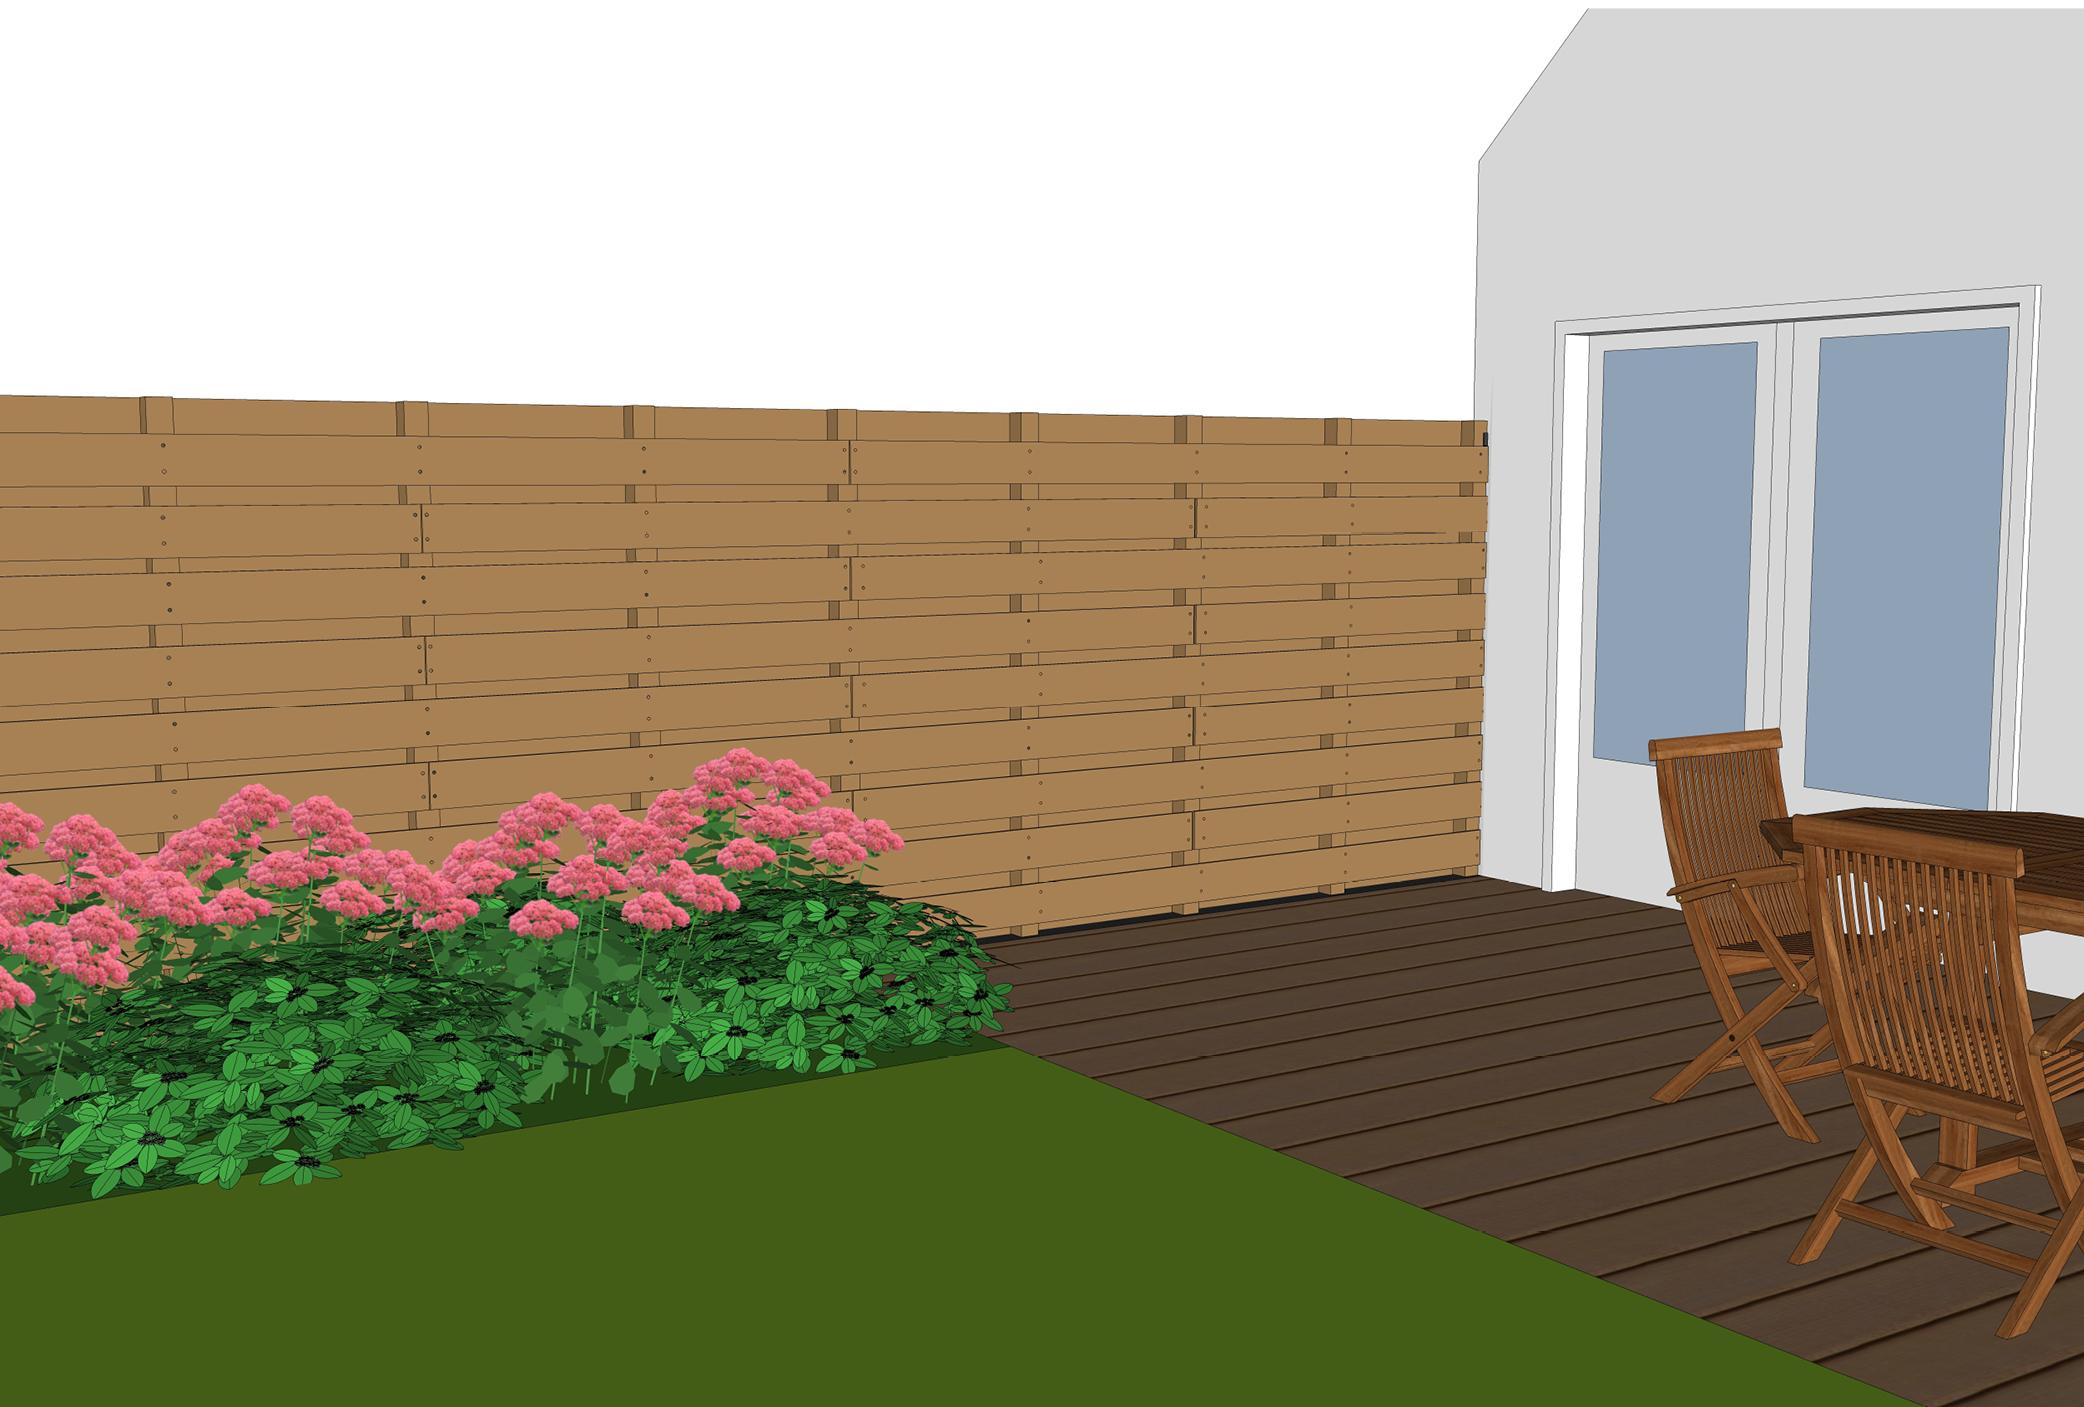 Planken Bevestigen Aan De Muur.Schuttingpaal Aan Muur Bevestigen Vierkante Paal Aan Woning Mo